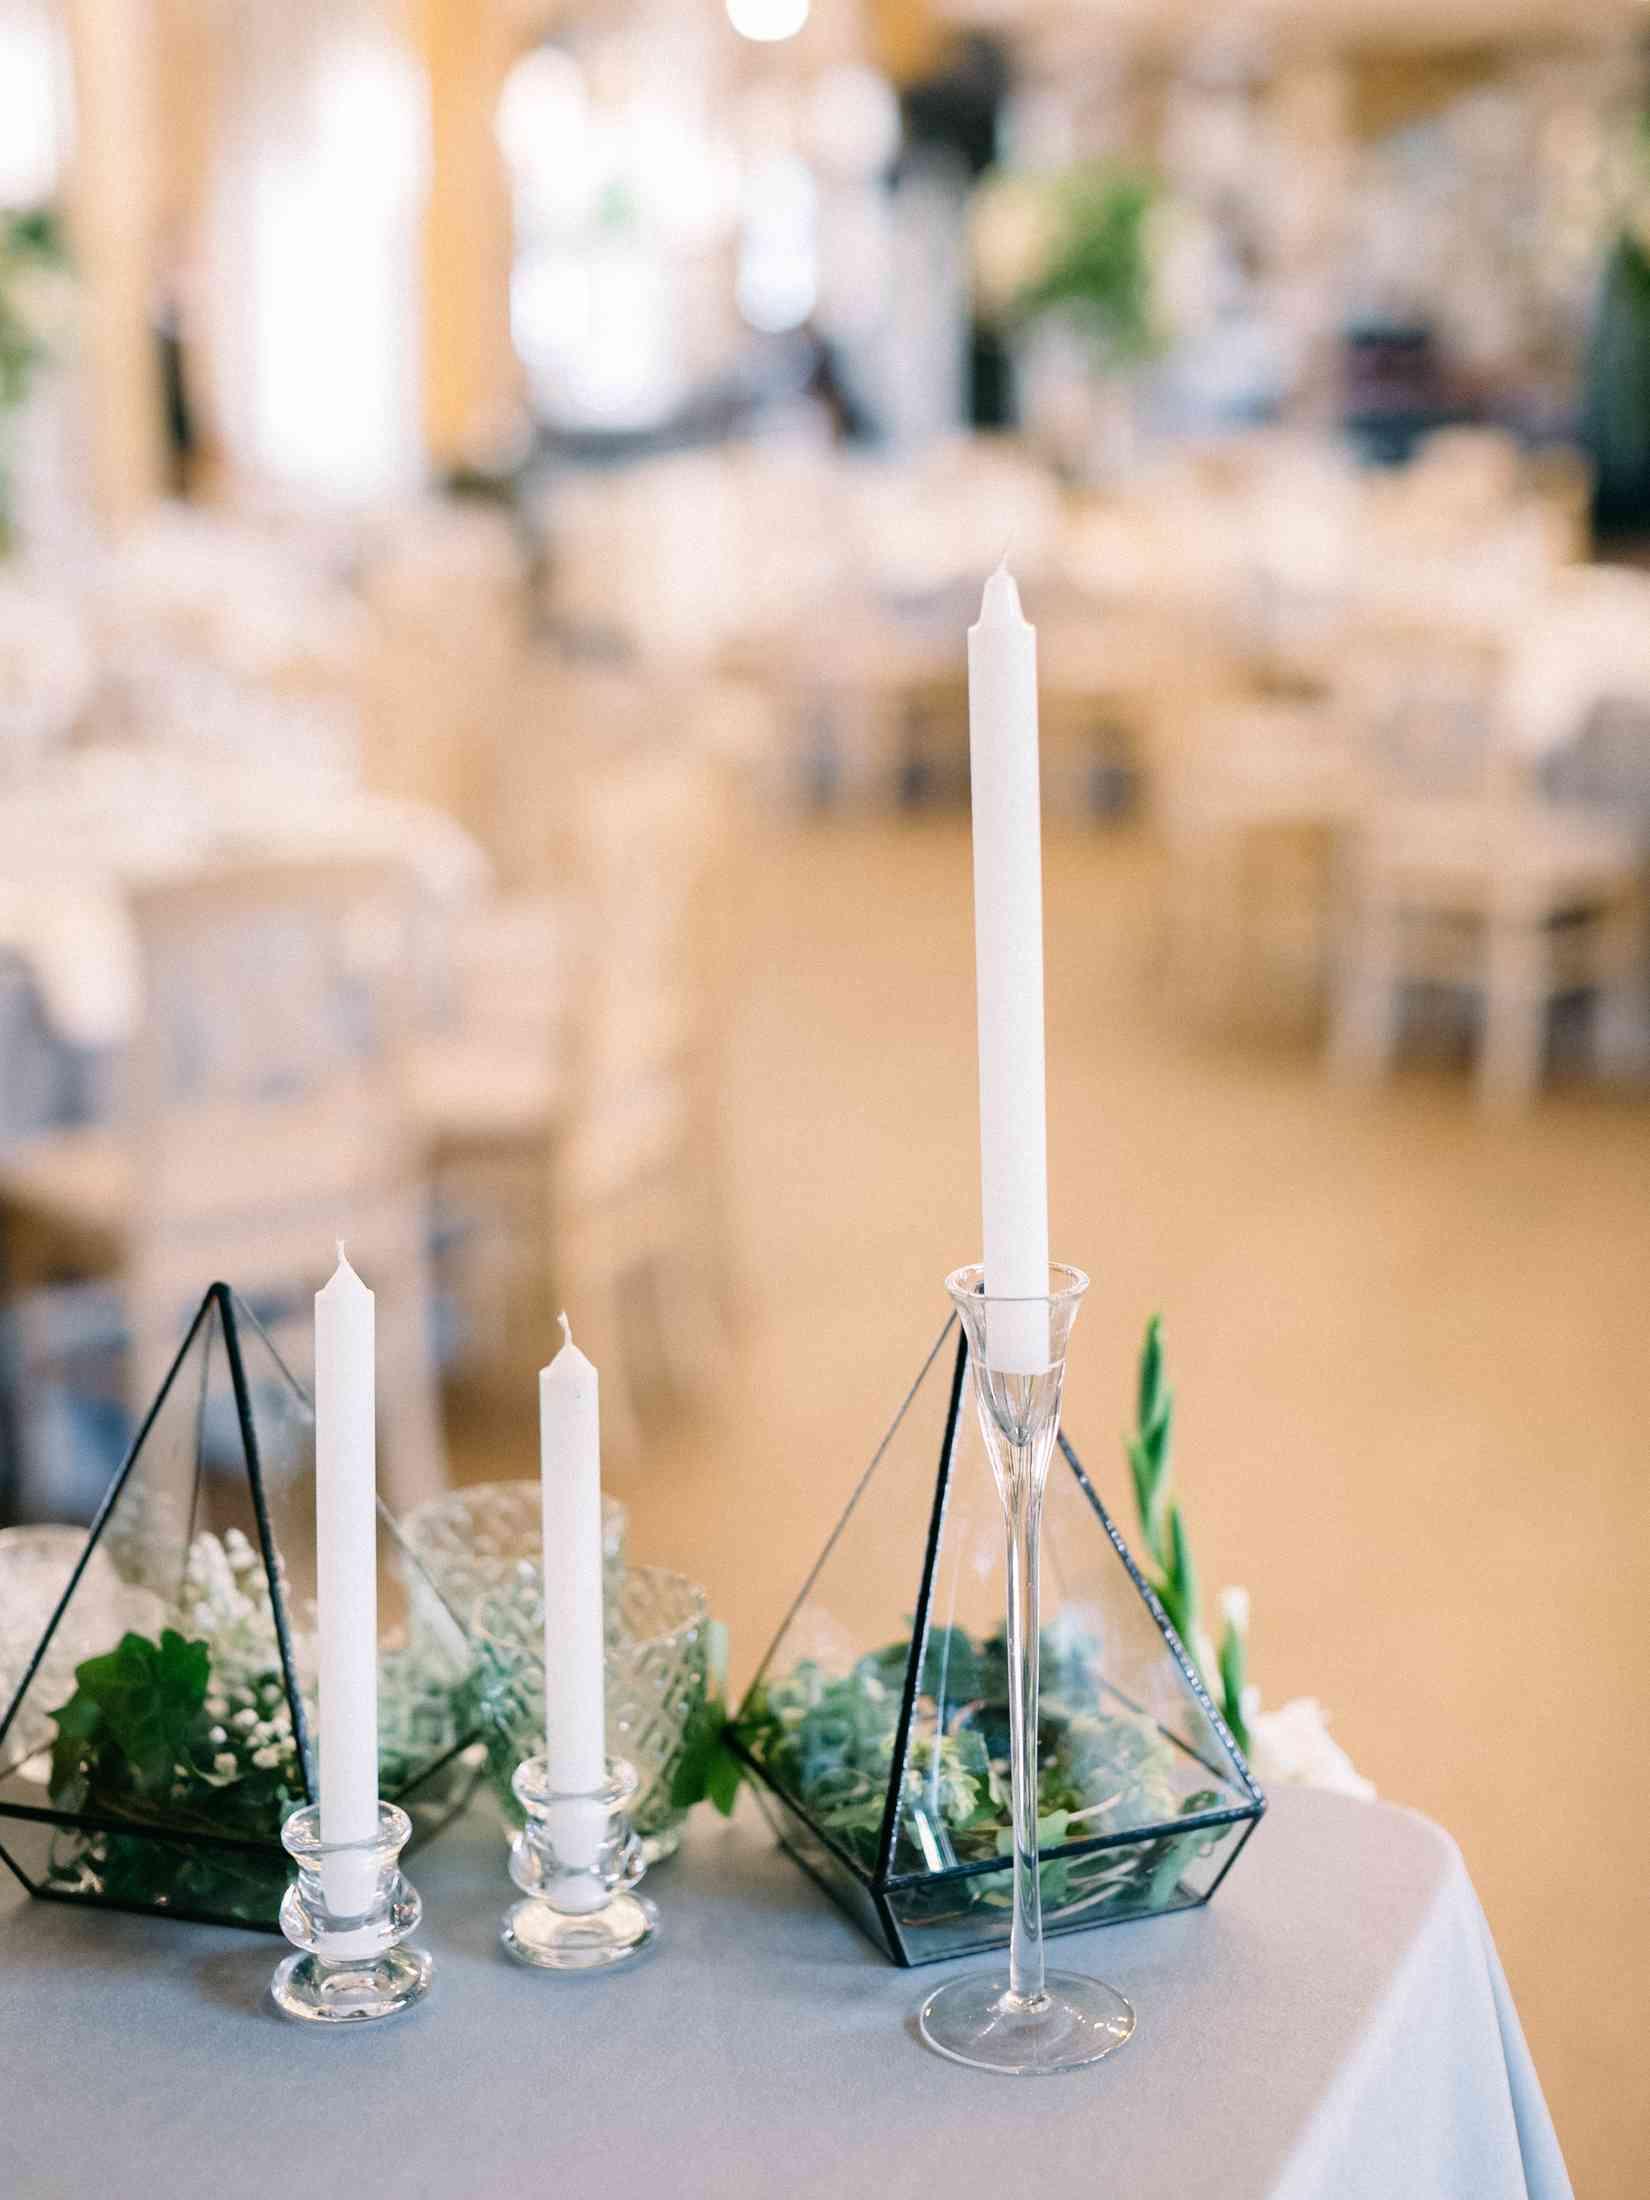 флорариум в декоре стола молодоженов